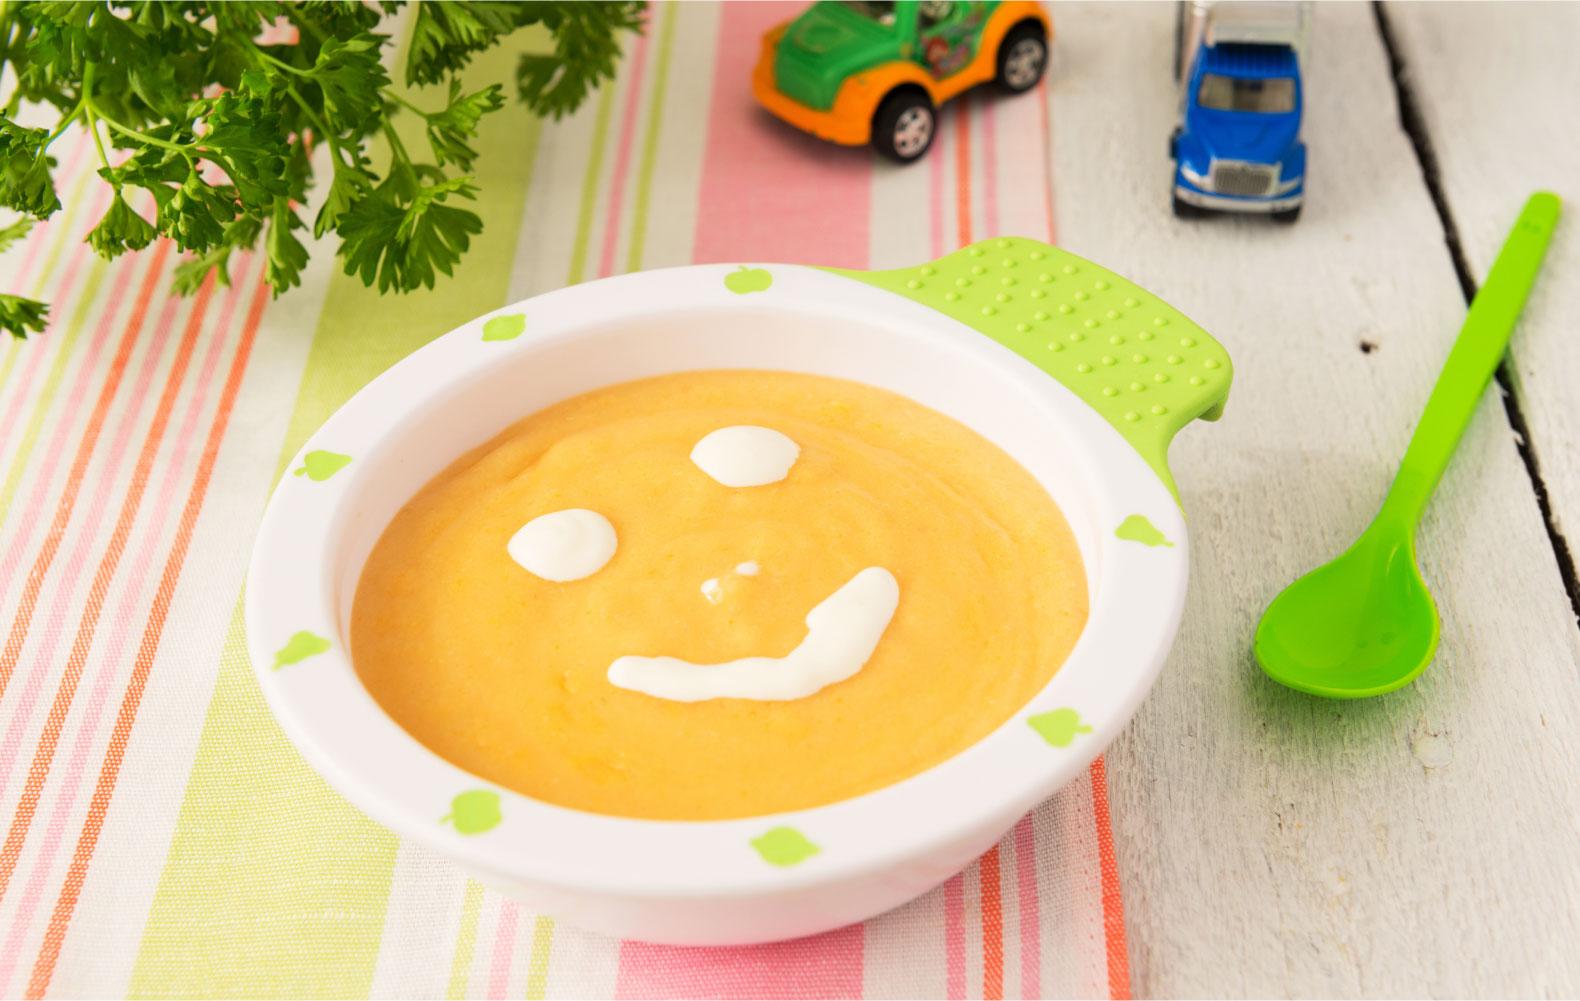 Если подать ребенку супчик на яркой тарелке, он будет есть с большим удовольствием